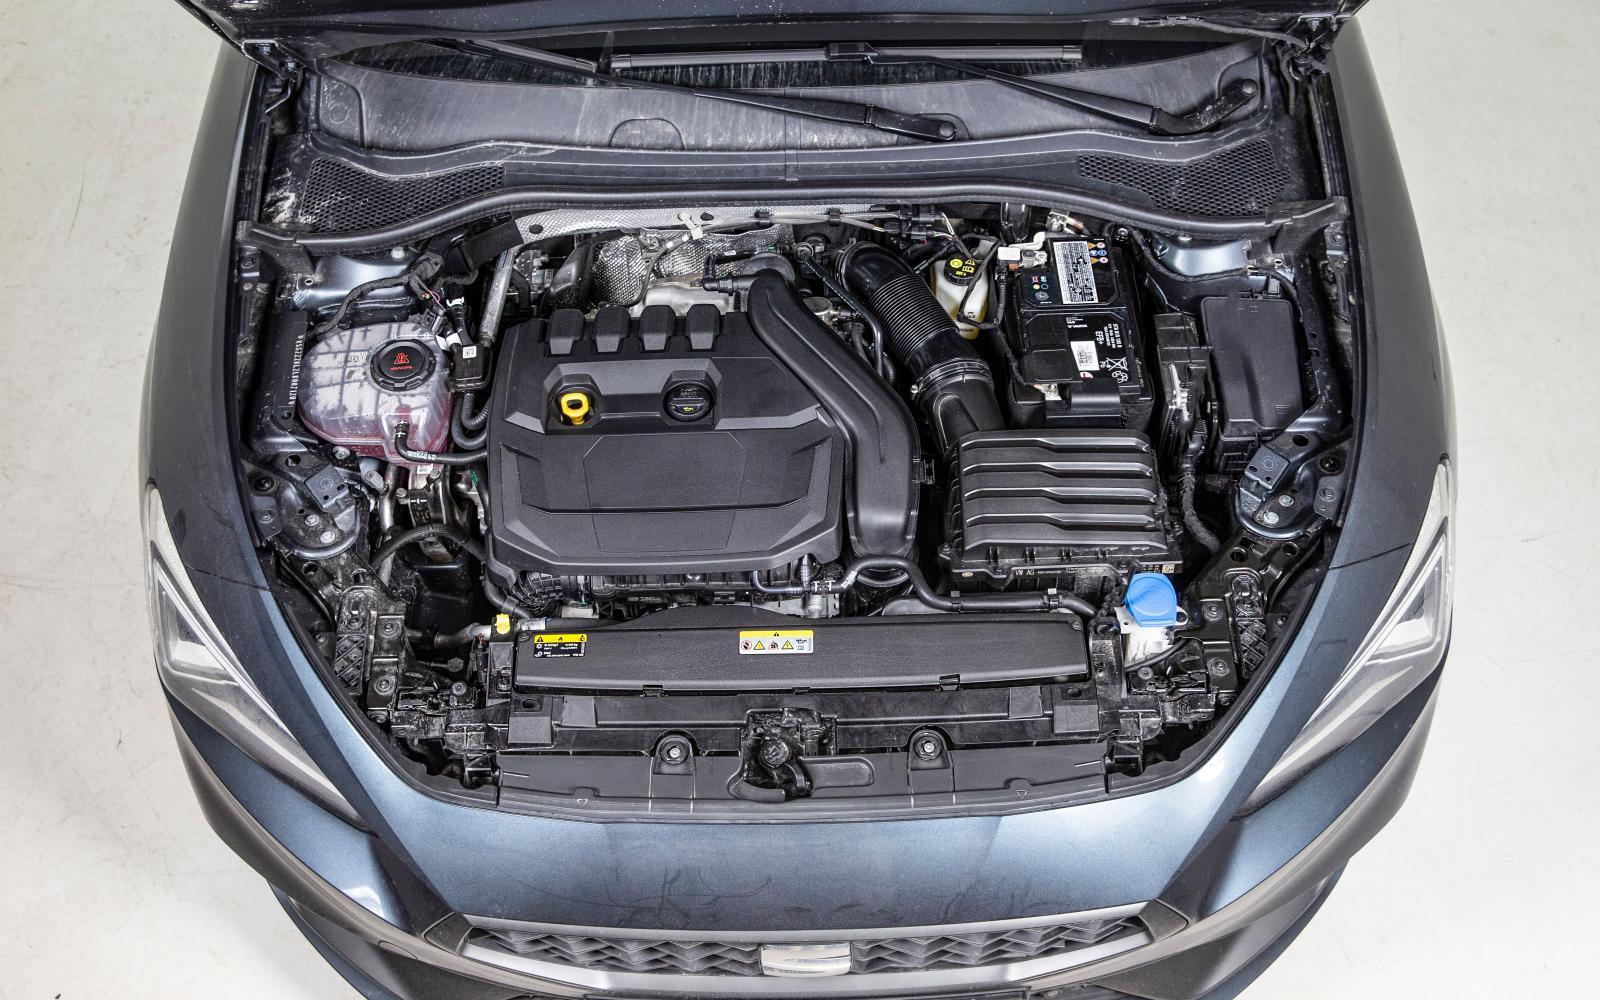 1,5 eTSI har cylinderavstängning, frihjul och ett 48V-elsystem till mildhybriden, vilket ger 13 elektriska extrahästar.